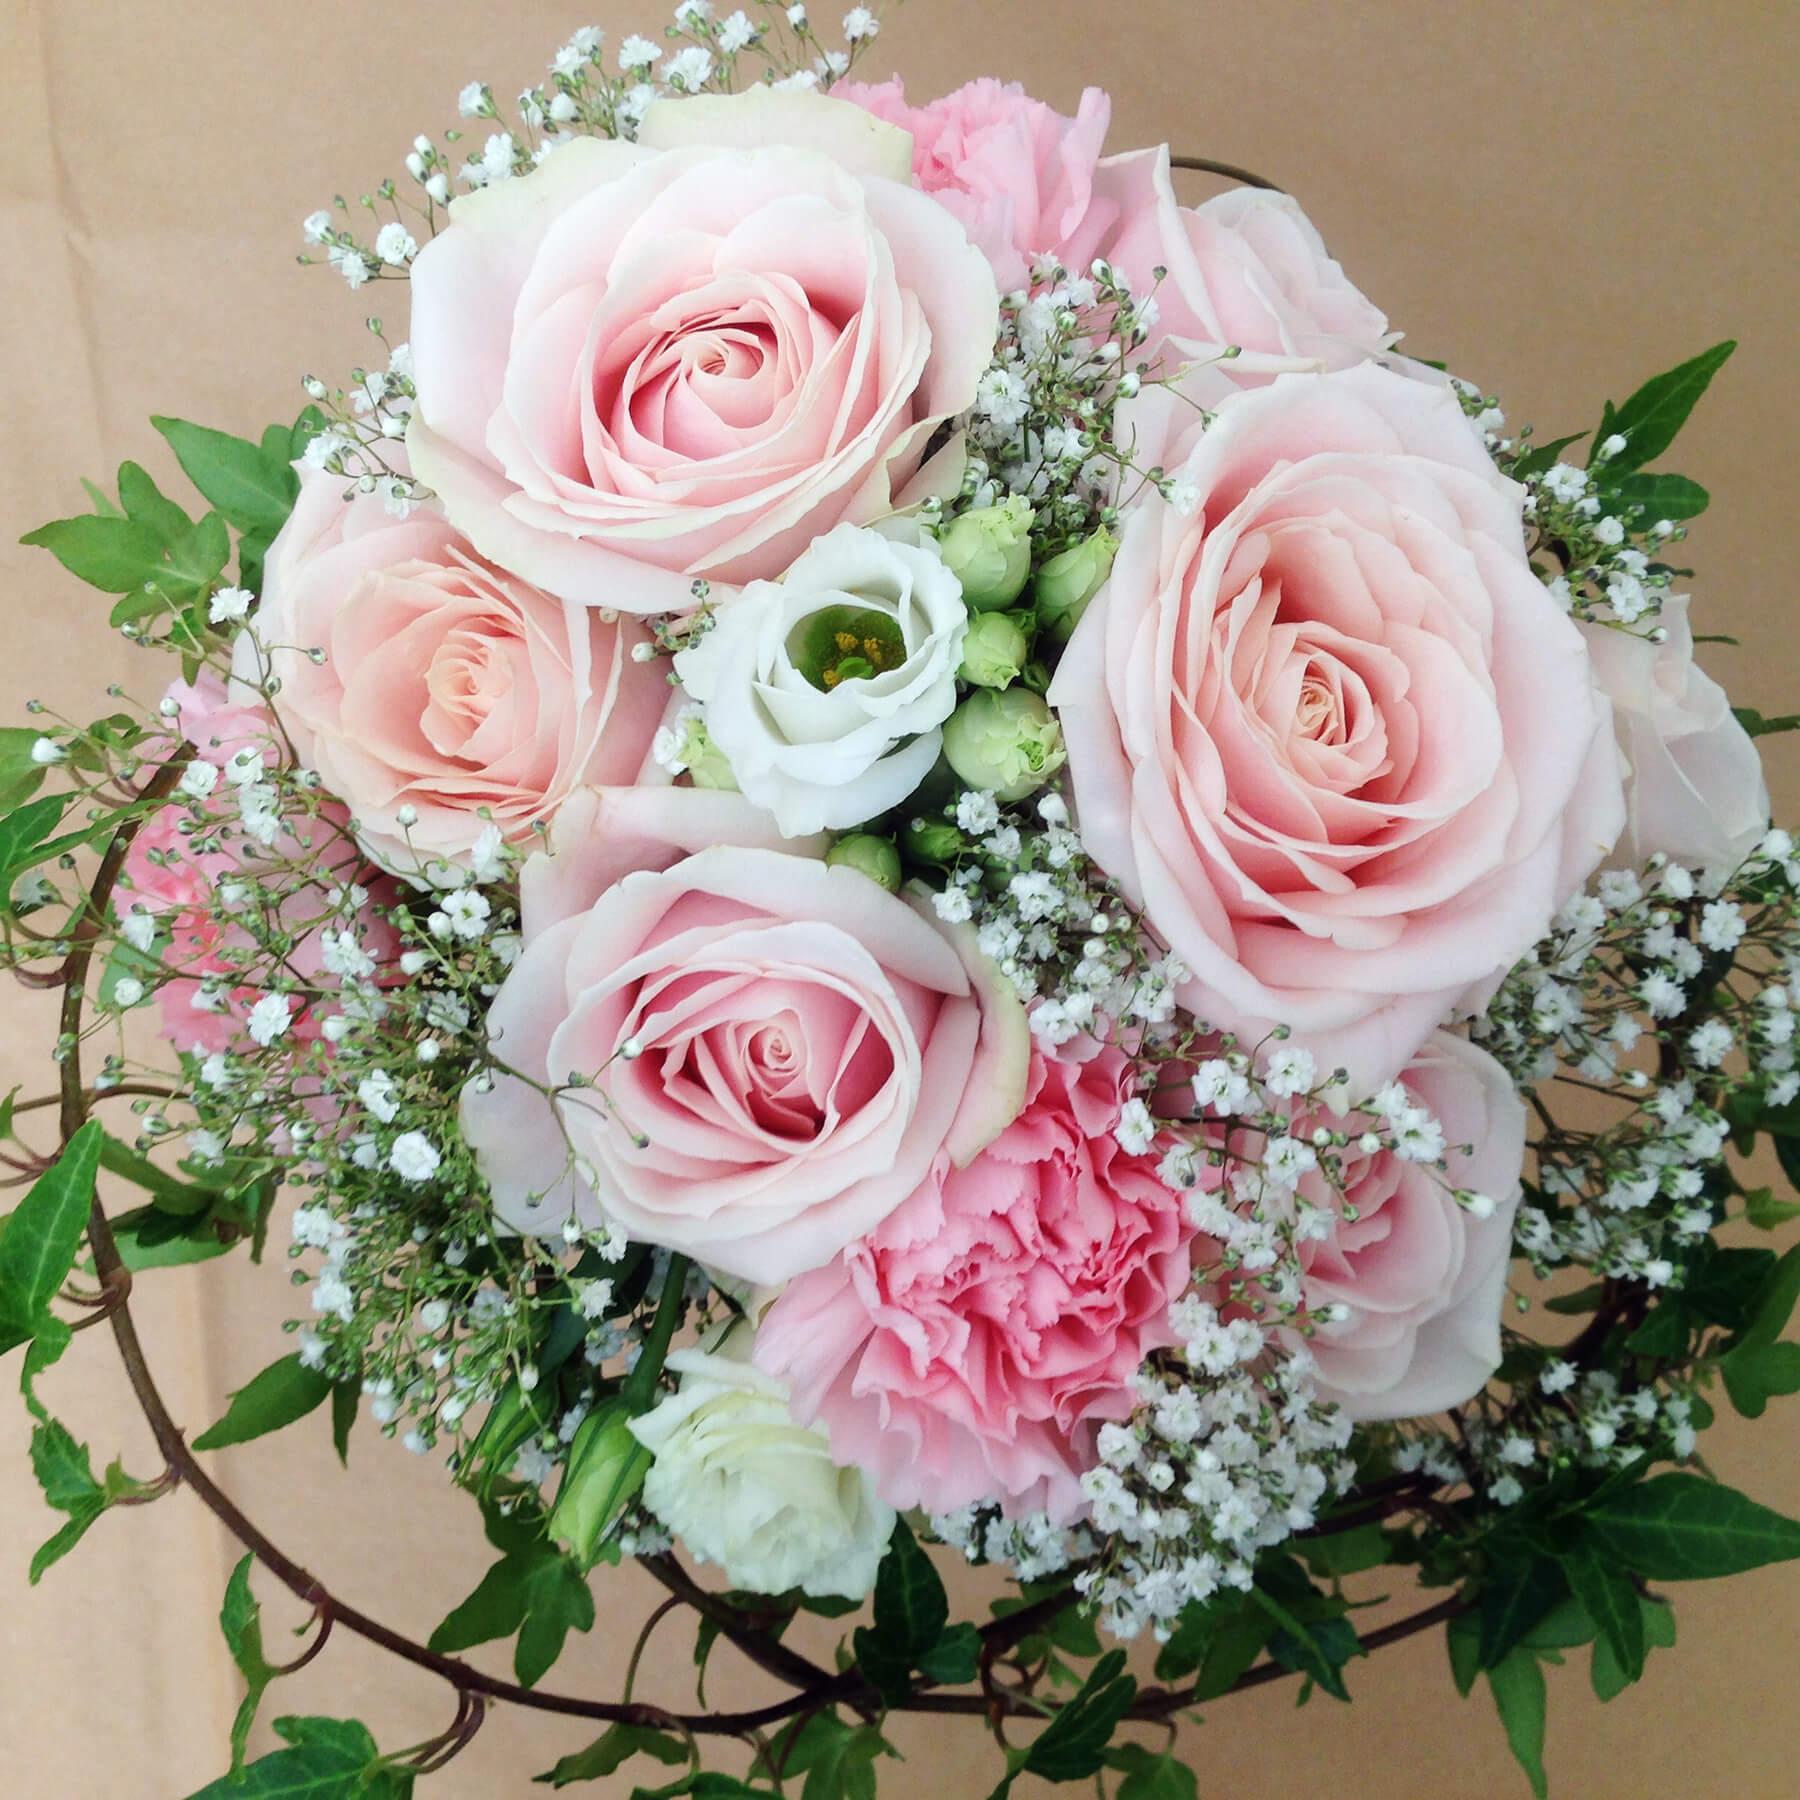 Blommor till bröllop: brudbukett i ljusa rosa nyanser. Rosen Sweet Avalanche, vit prärieklocka, småblommig brudslöja och murgröna gör tillsammans en romantisk brudbukett.